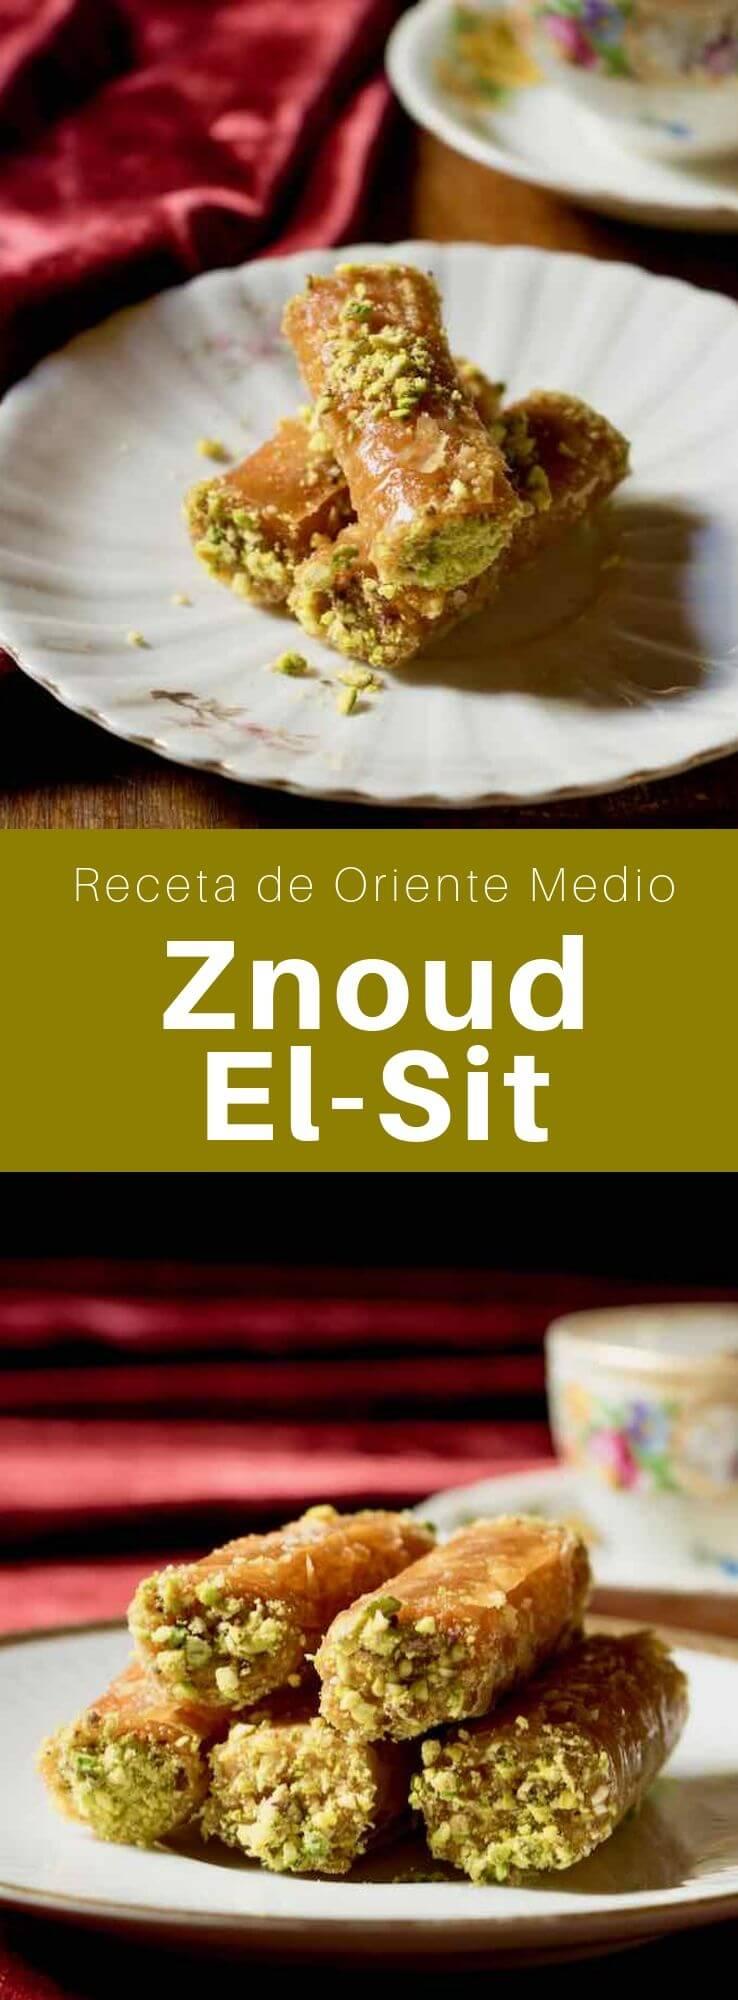 El znoud el-sit (brazos de mujer) es un popular pastel relleno de crema del Medio Oriente hecho de masa filo, crujiente por fuera y cremoso por dentro.